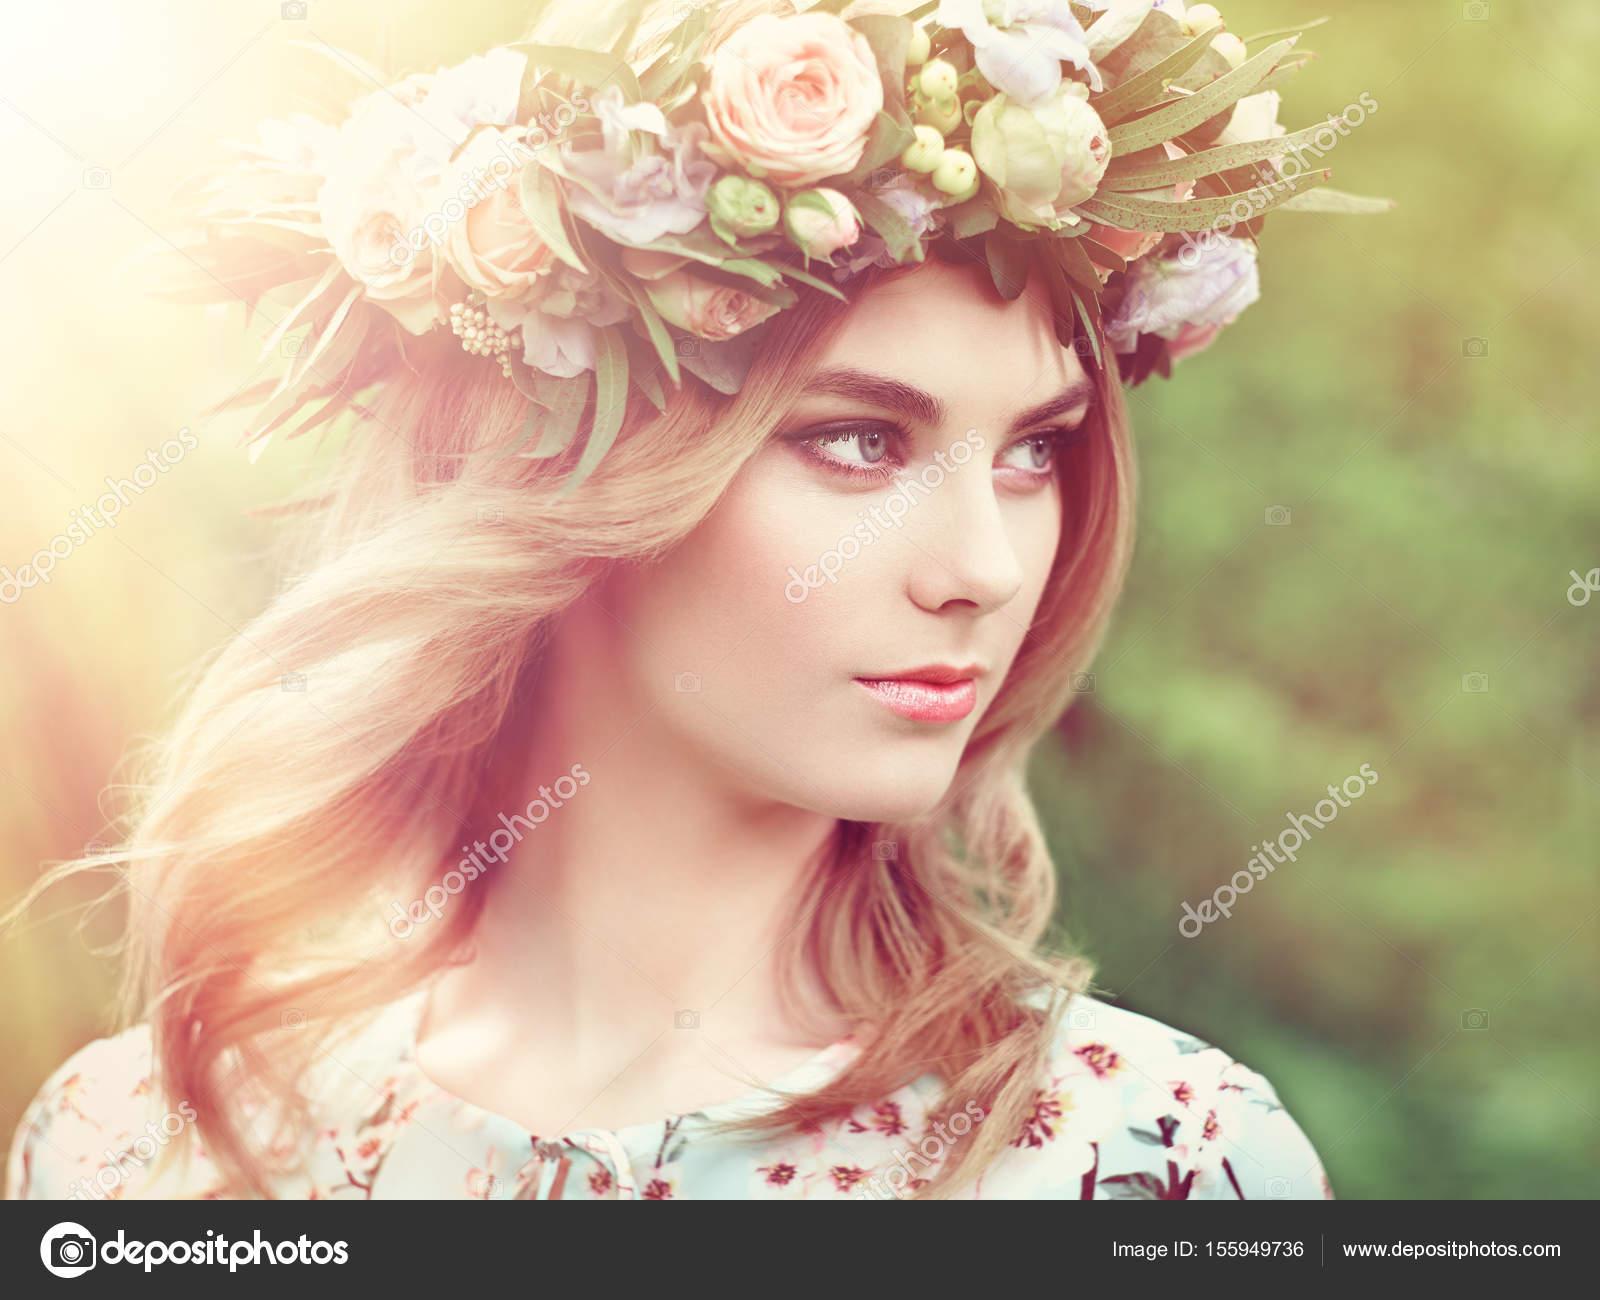 Belle Femme Blonde Avec Une Couronne De Fleurs Sur La Tete